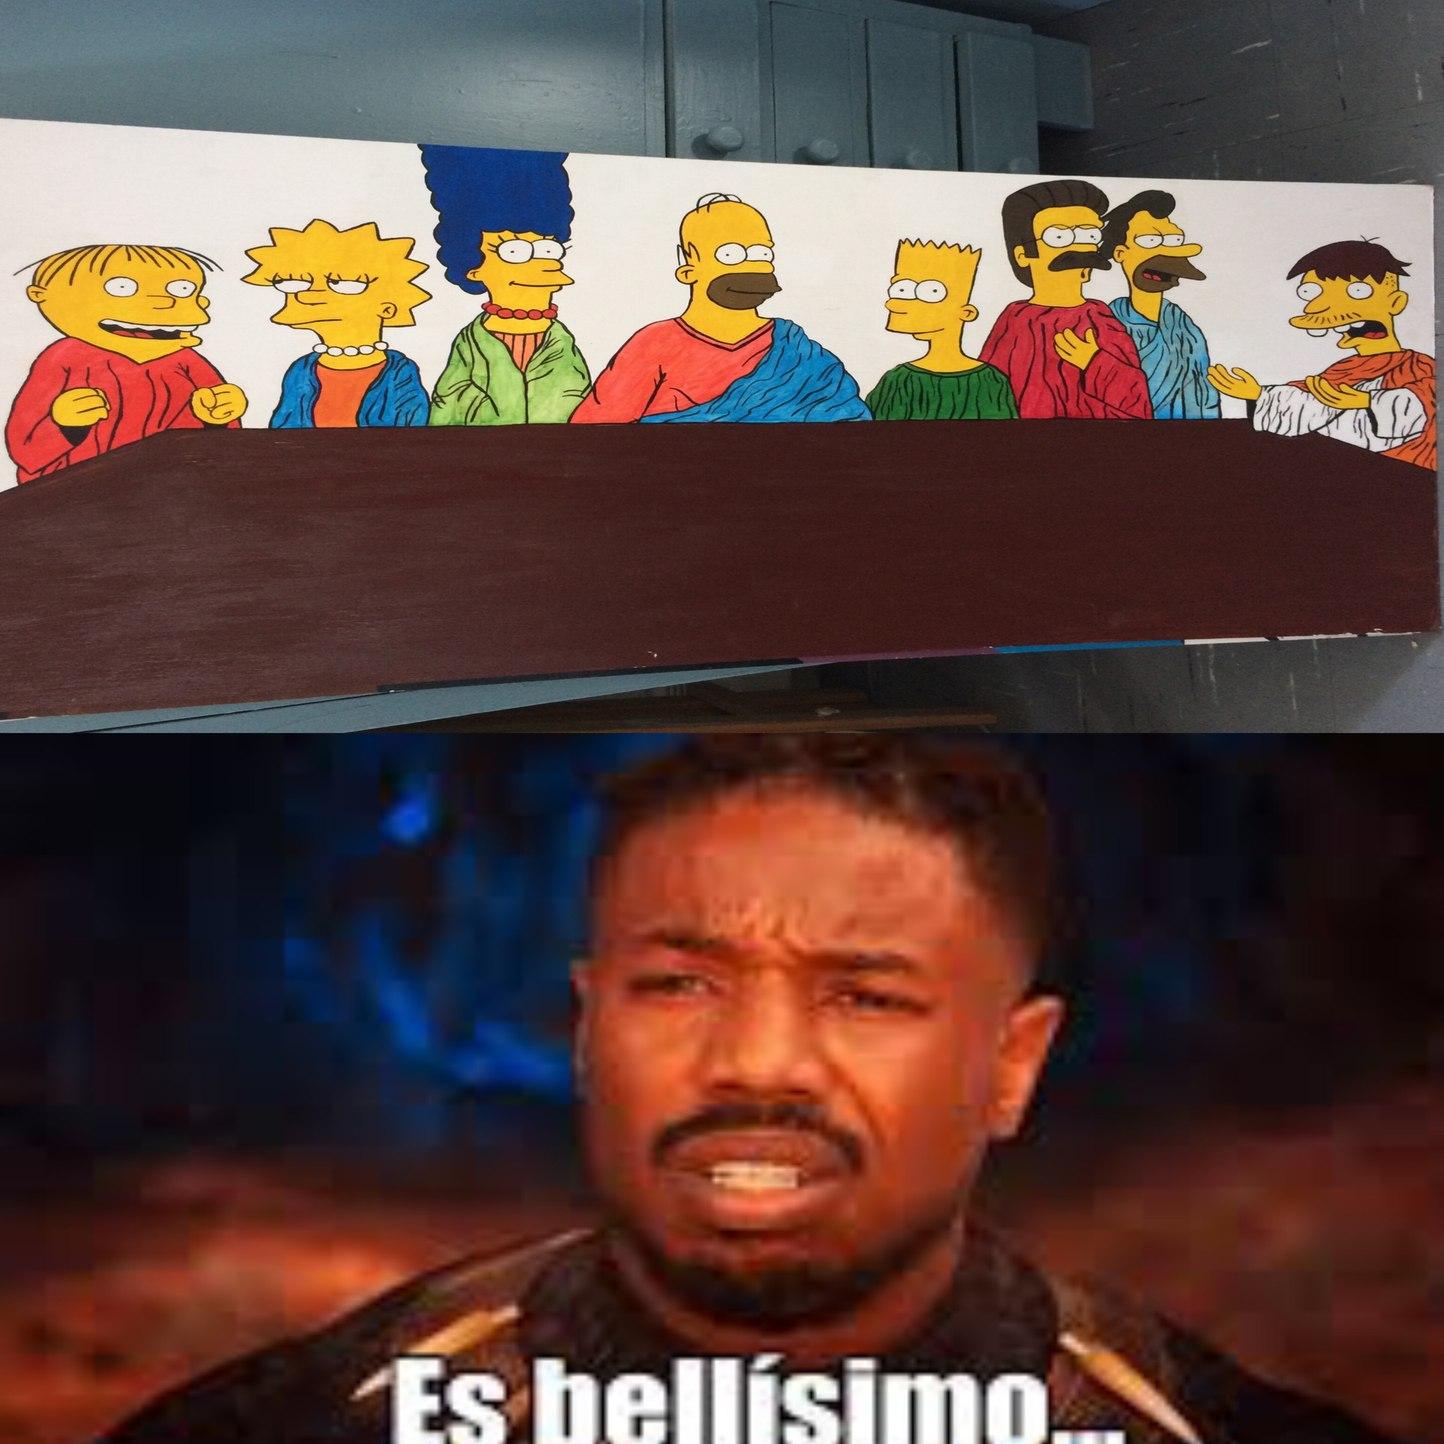 Lo encontré en mi colegio - meme